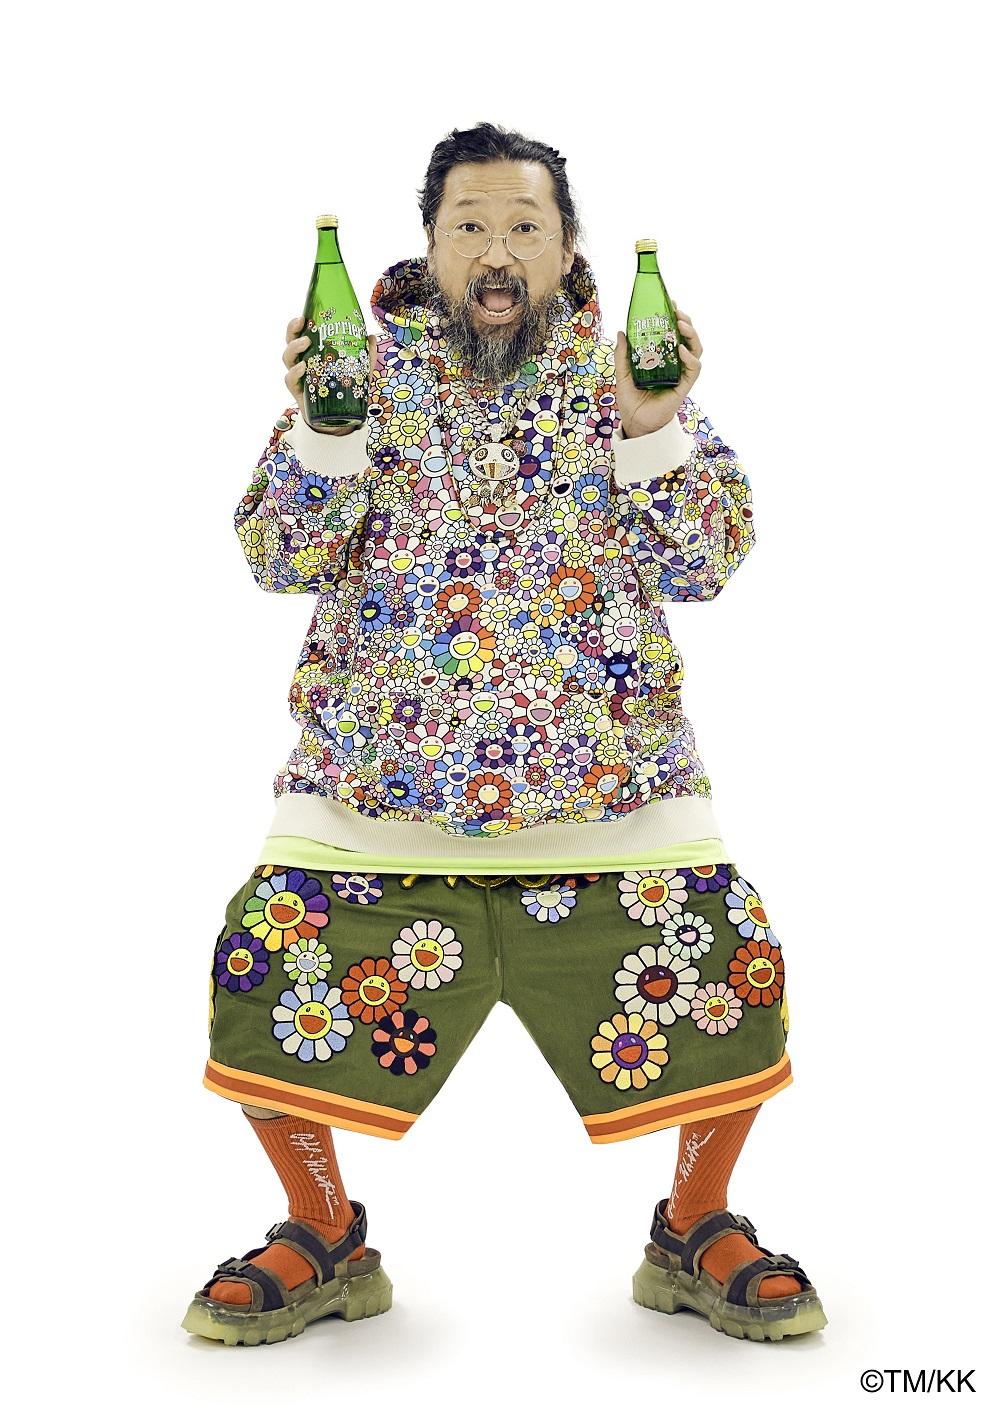 Takashi Murakami colabora con Perrier en una edición limitada de sus botellas (3)